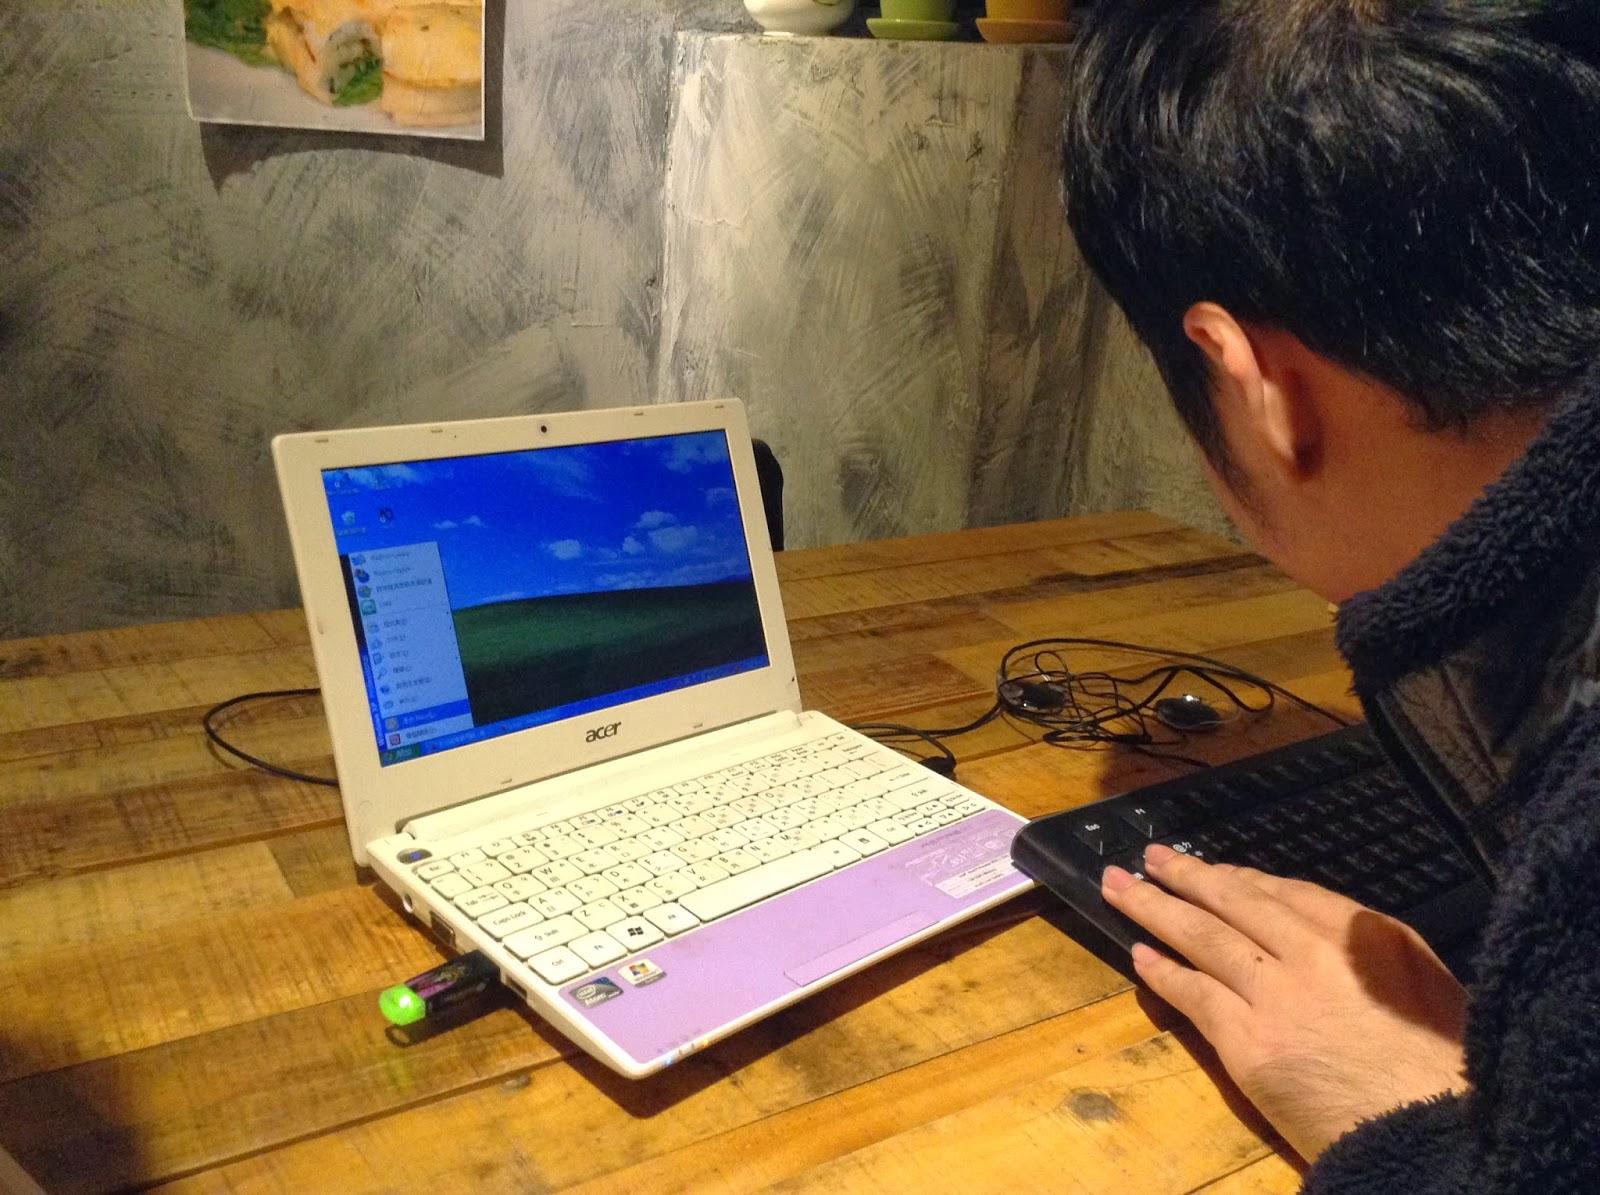 璽帆展示語音辨識系統的電腦,雖然當天因為咖啡廳 雜訊很多,耳機聽不太到語音輸出而無法測試。